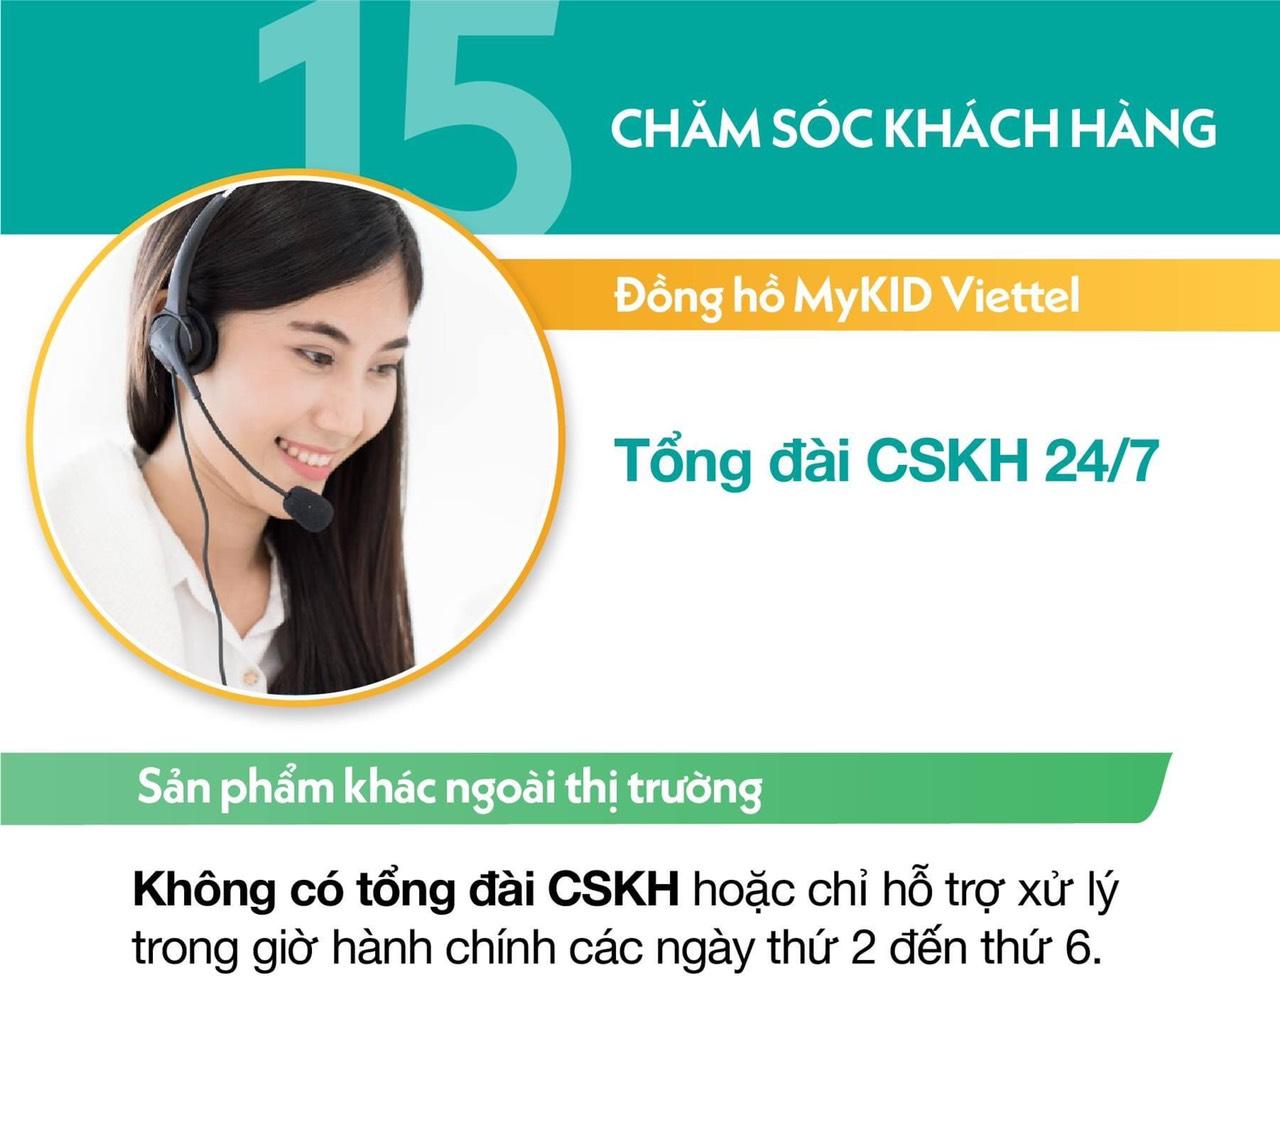 15. Chăm sóc khách hàng với tổng đài hỗ trợ 24_7.